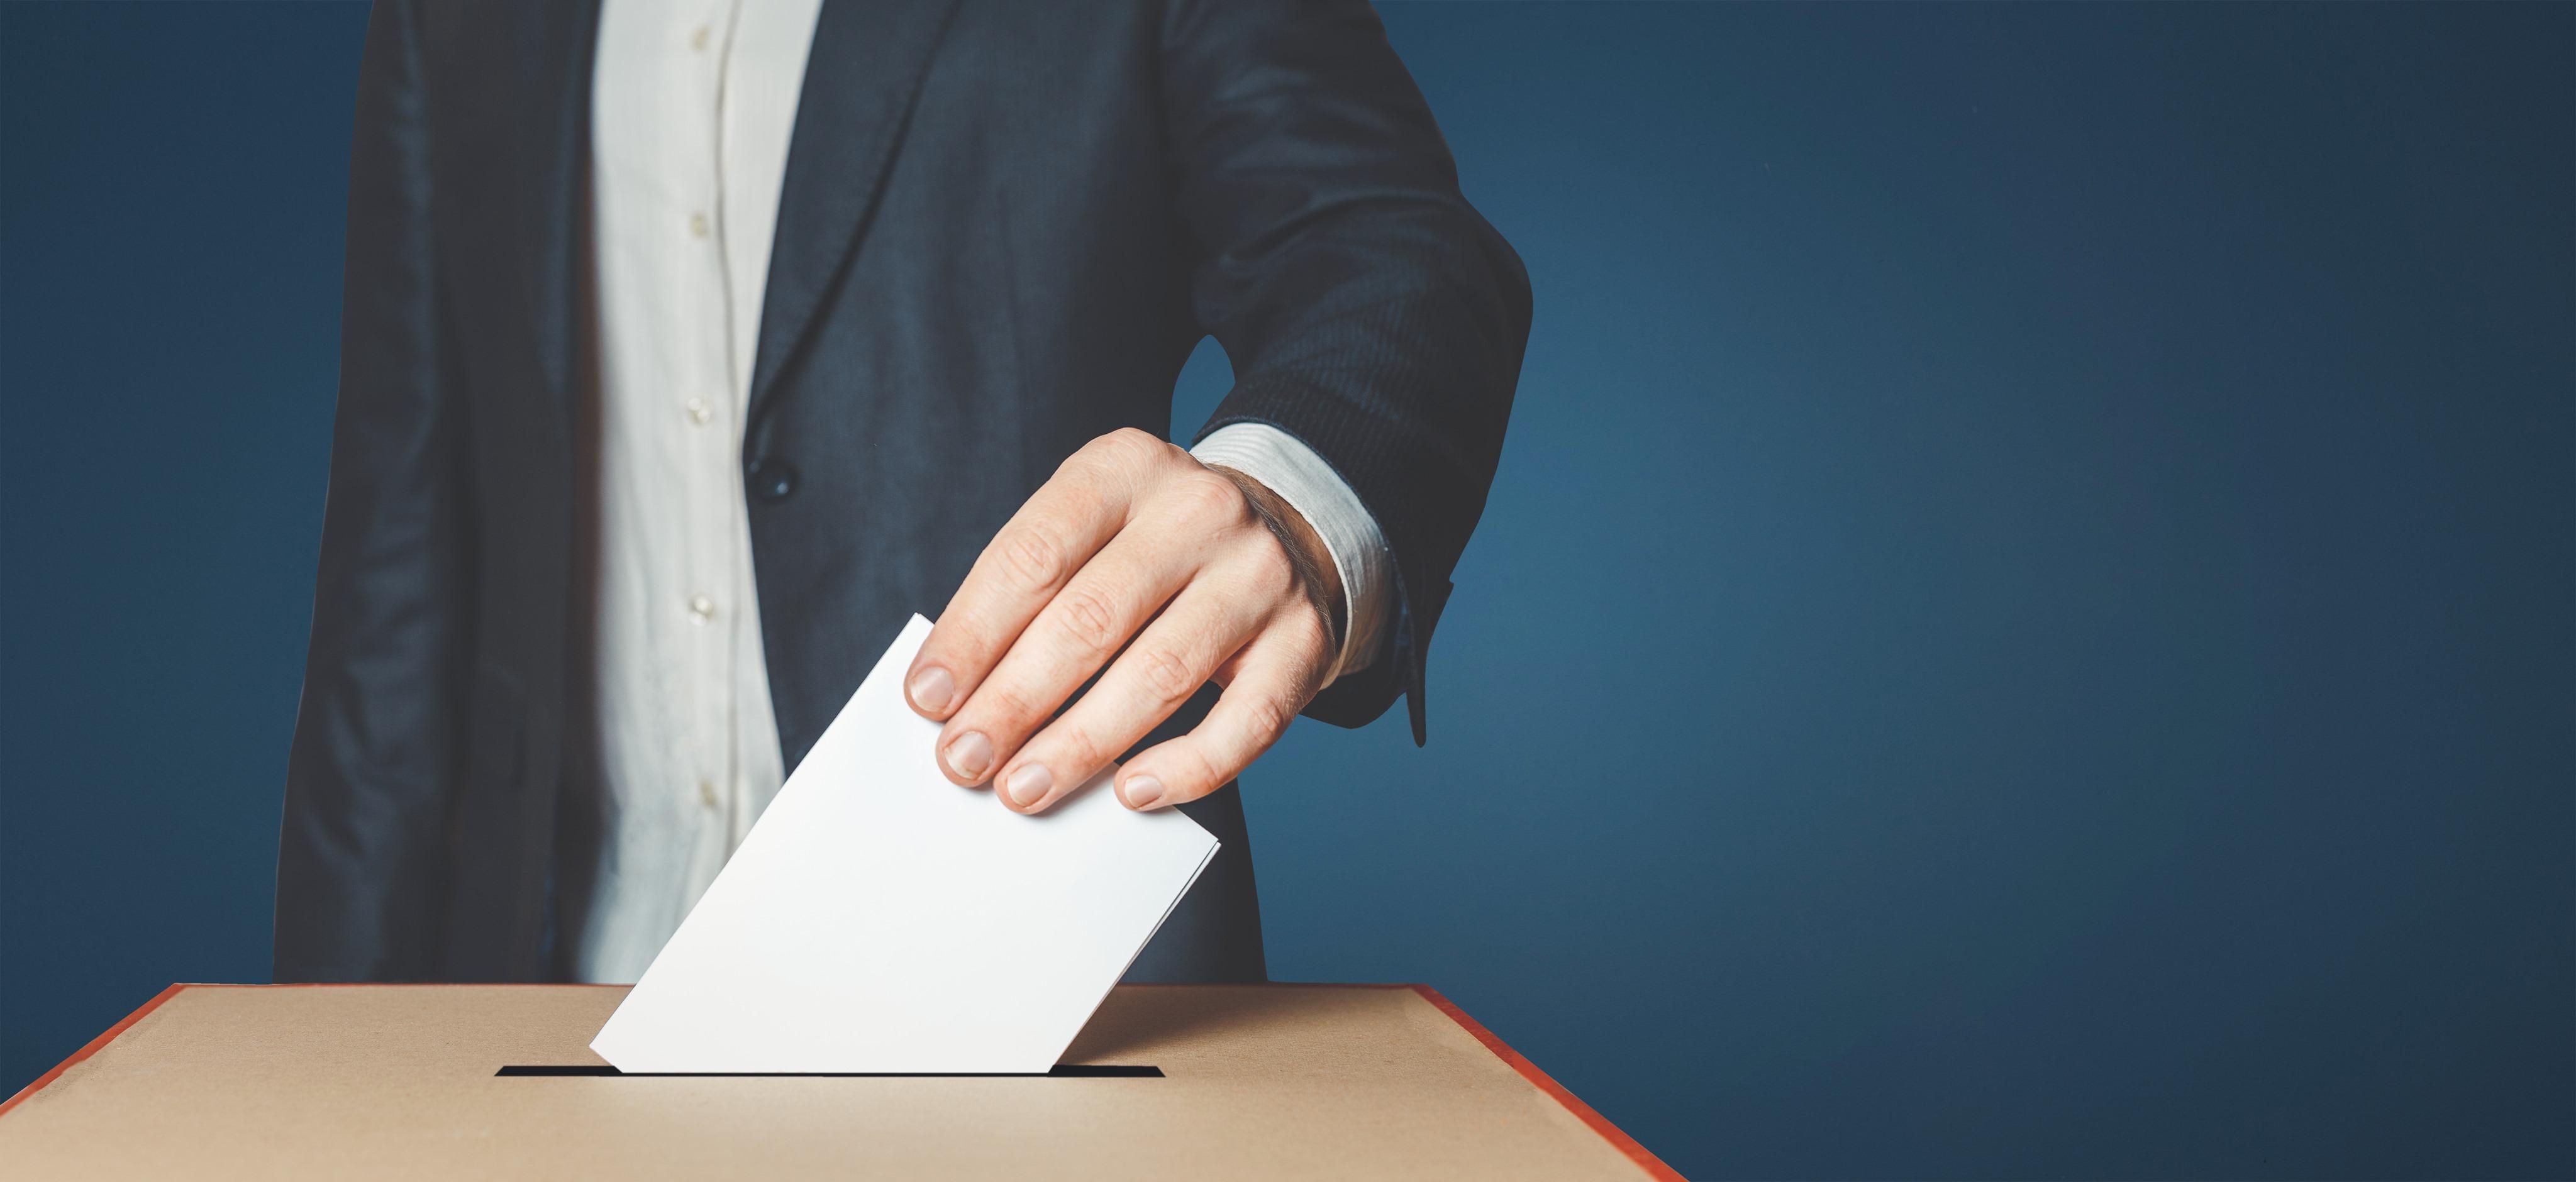 地方選挙と緊急事態宣言、延期容認が過半数